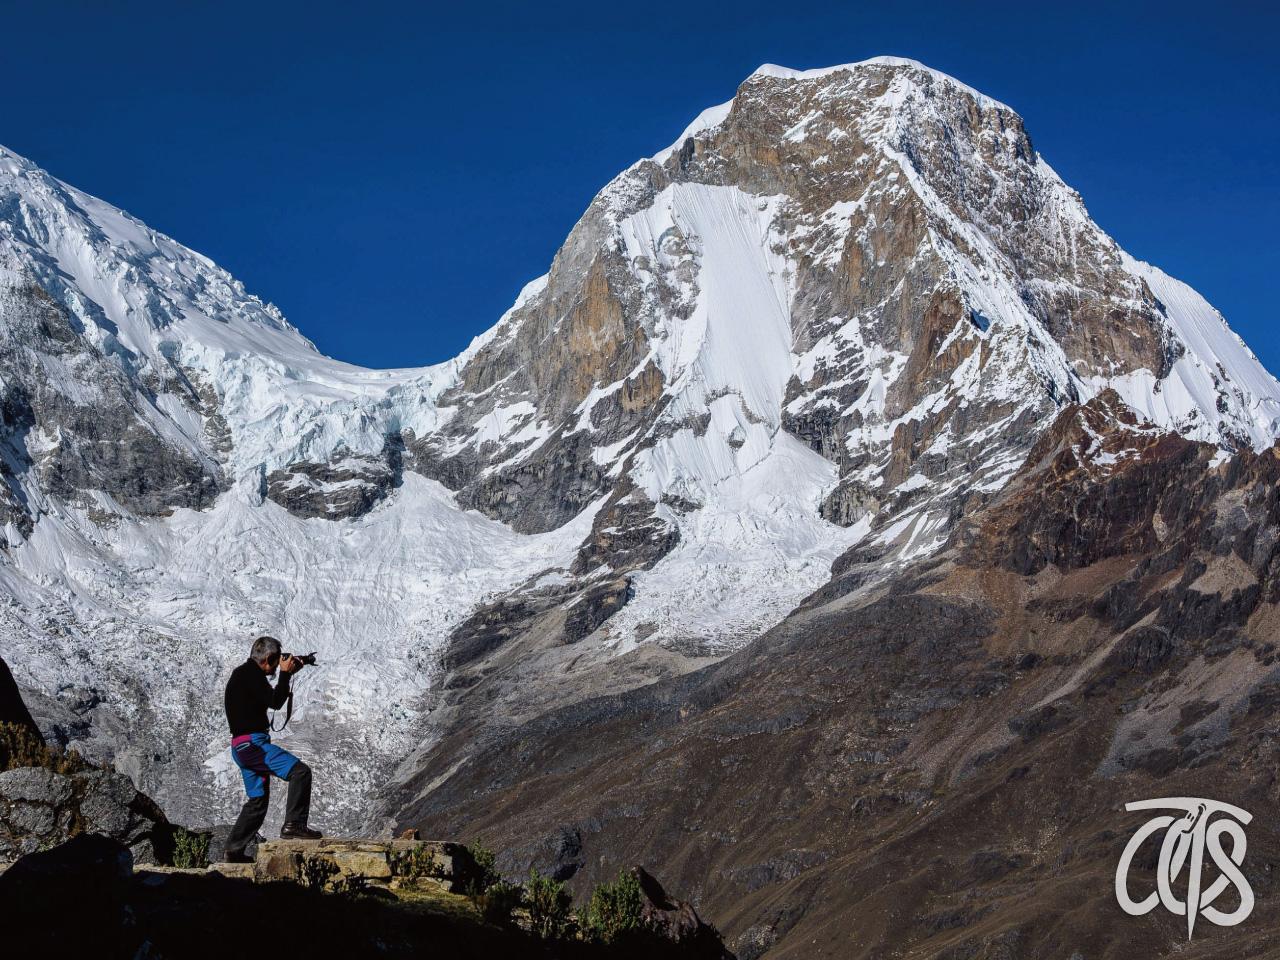 ペルーアンデス最高峰のワスカラン